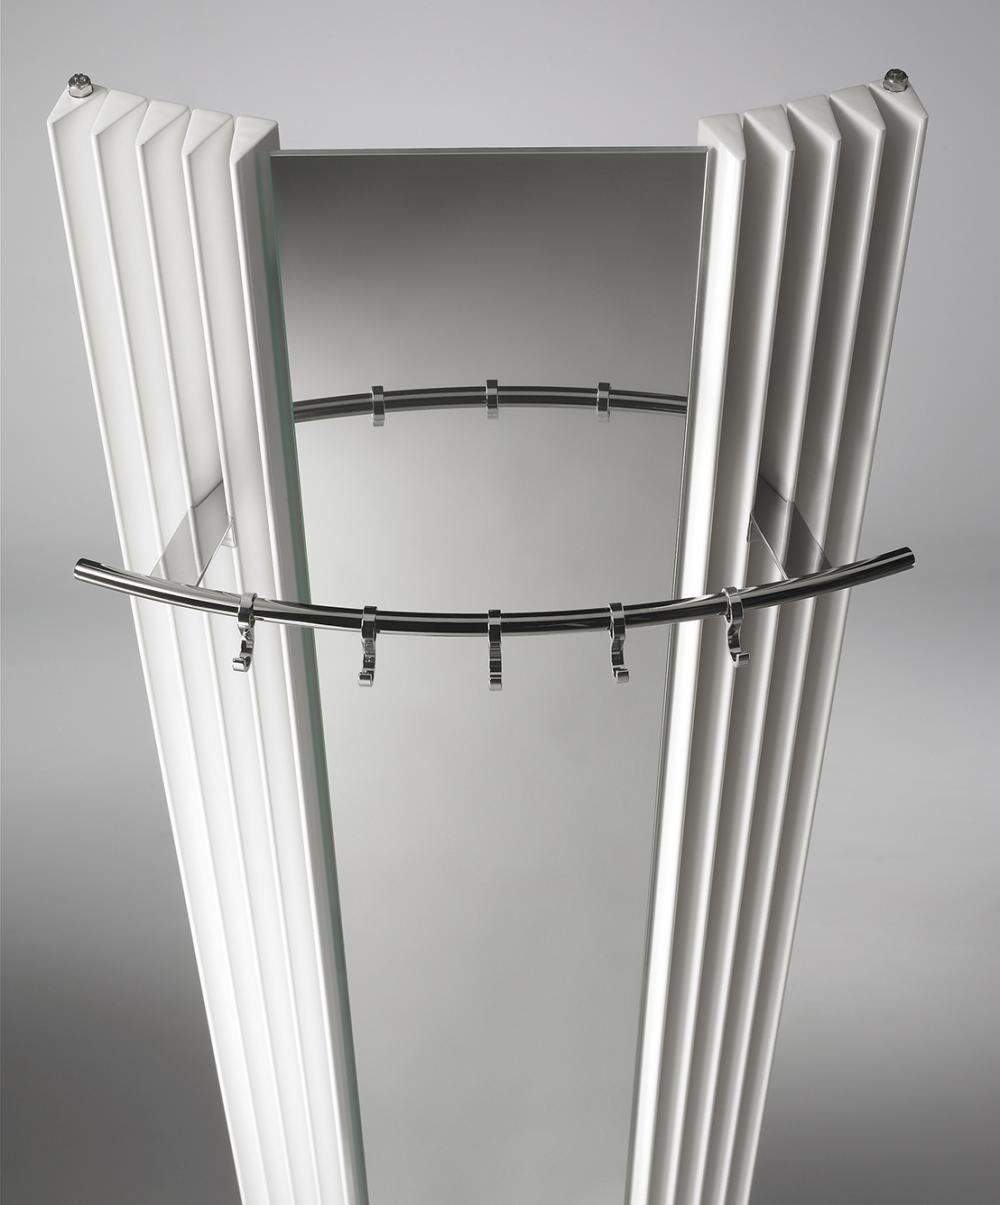 Calorifer cu oglinda Jaga Iguana Visio 1800x733 mm, 1294 W